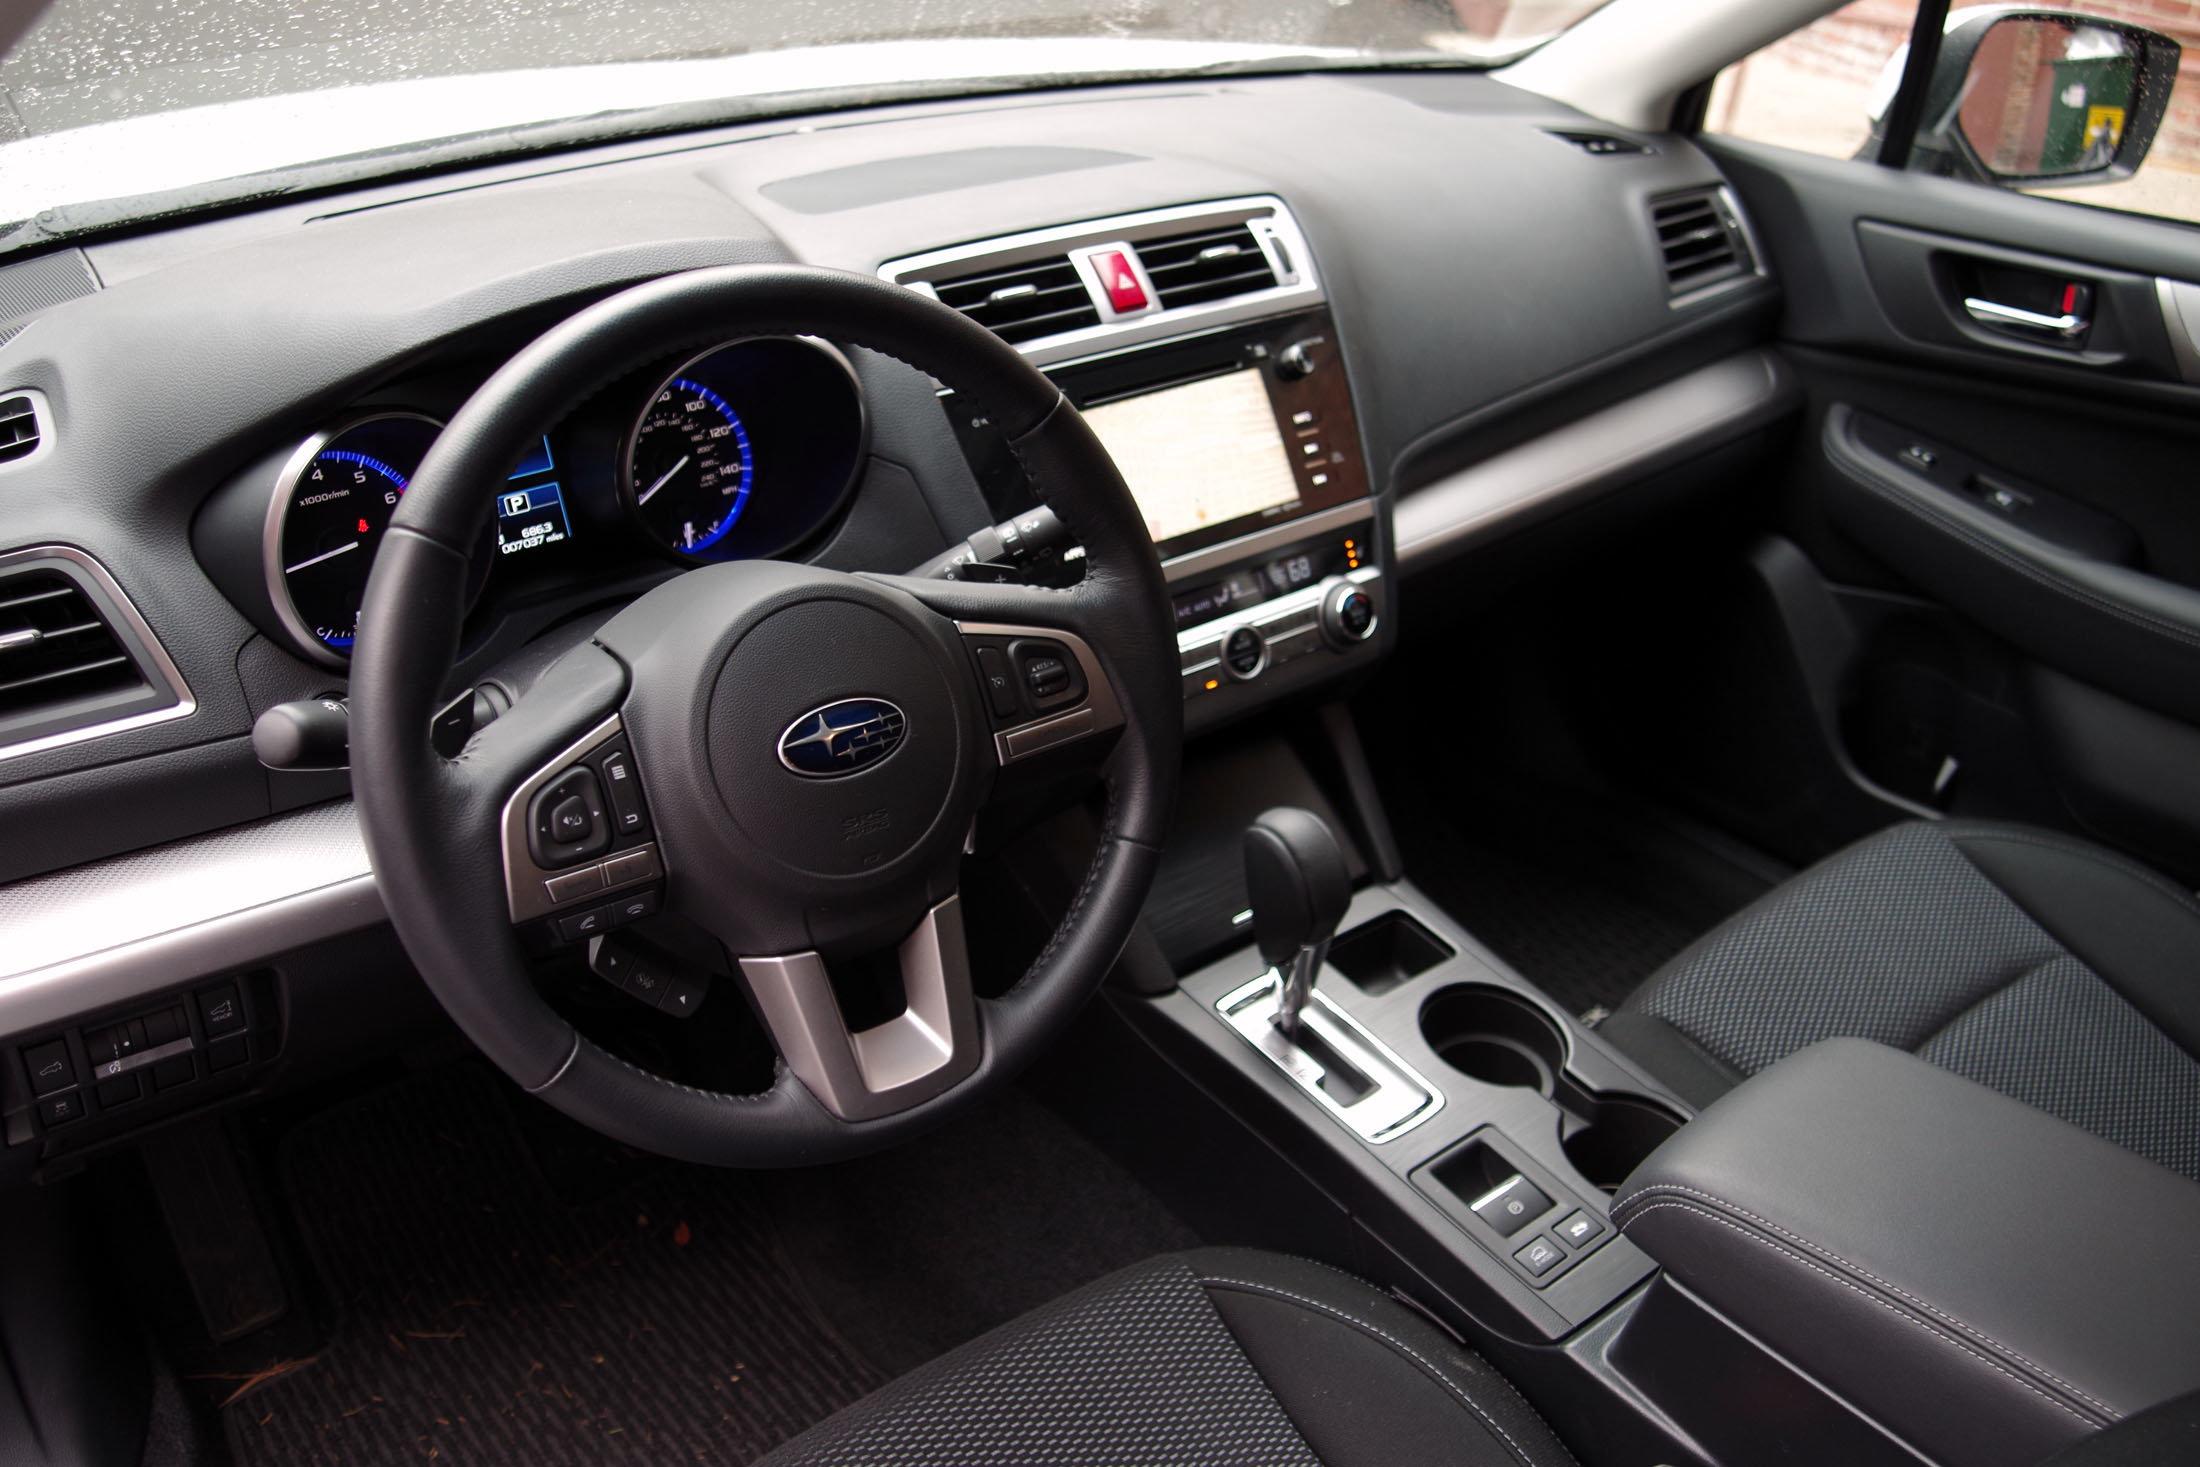 2015 Subaru Outback interior